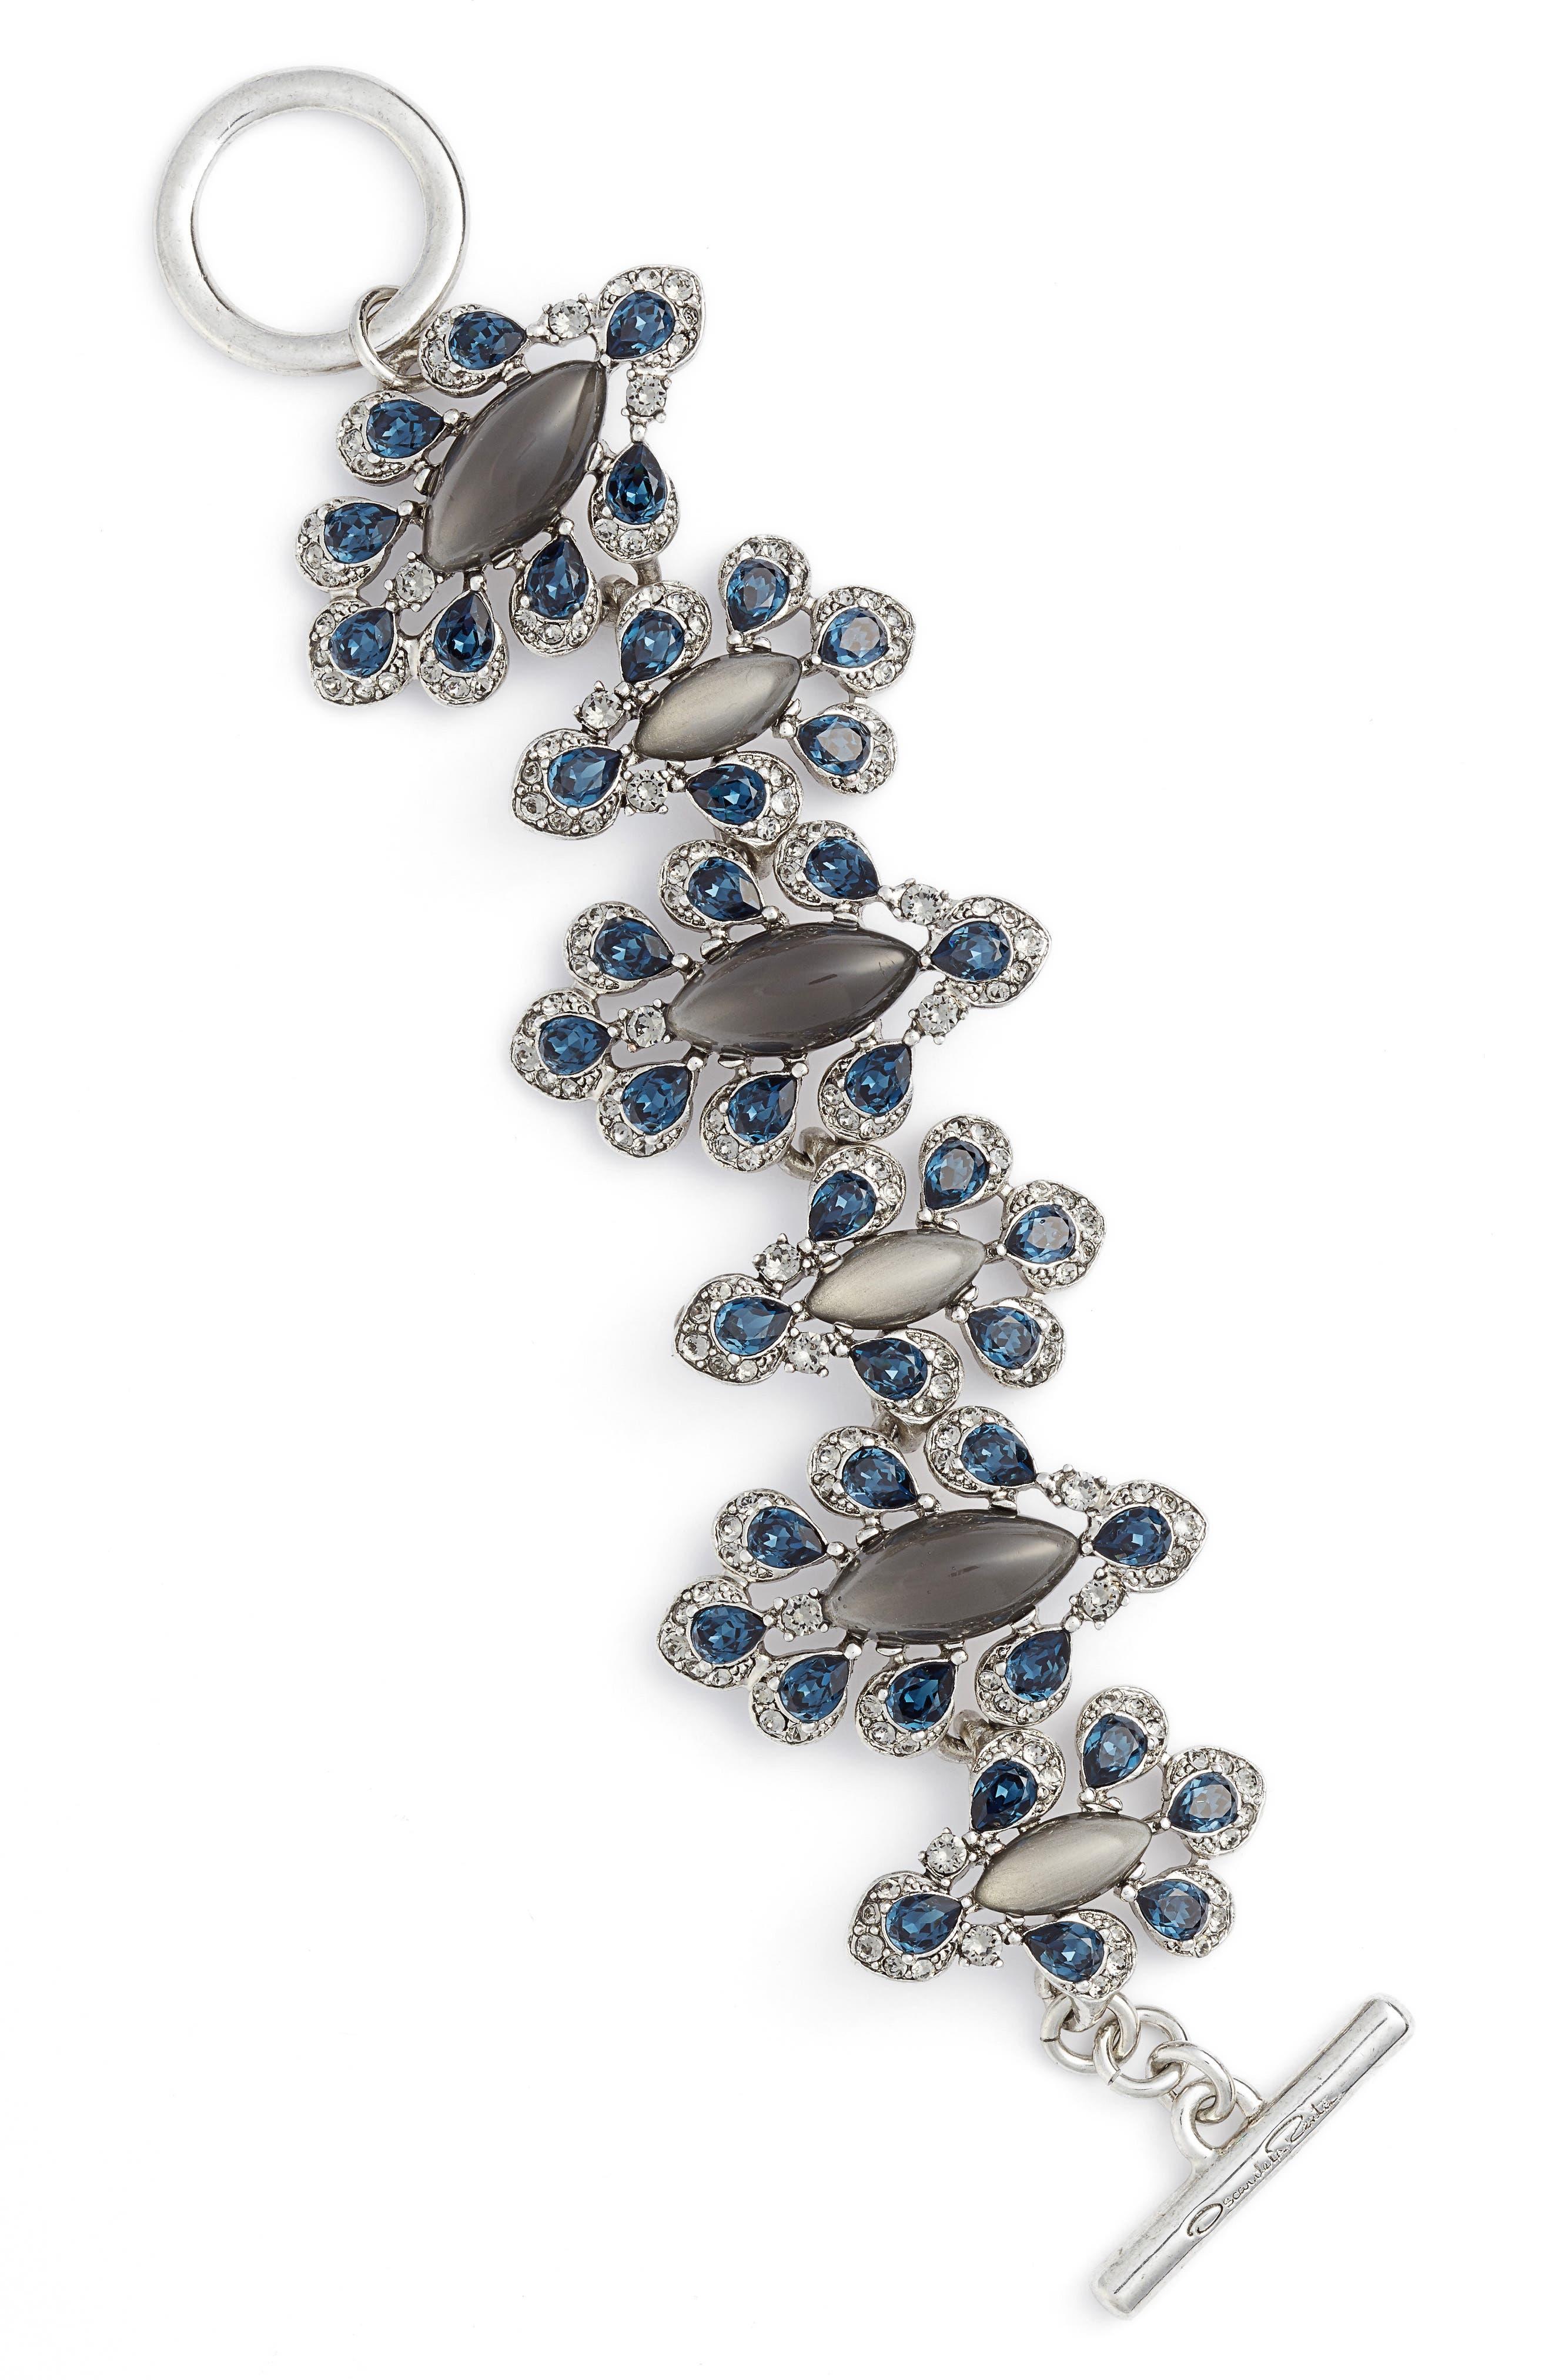 Parlor Swarovski Crystal Bracelet,                         Main,                         color, Antique Silver